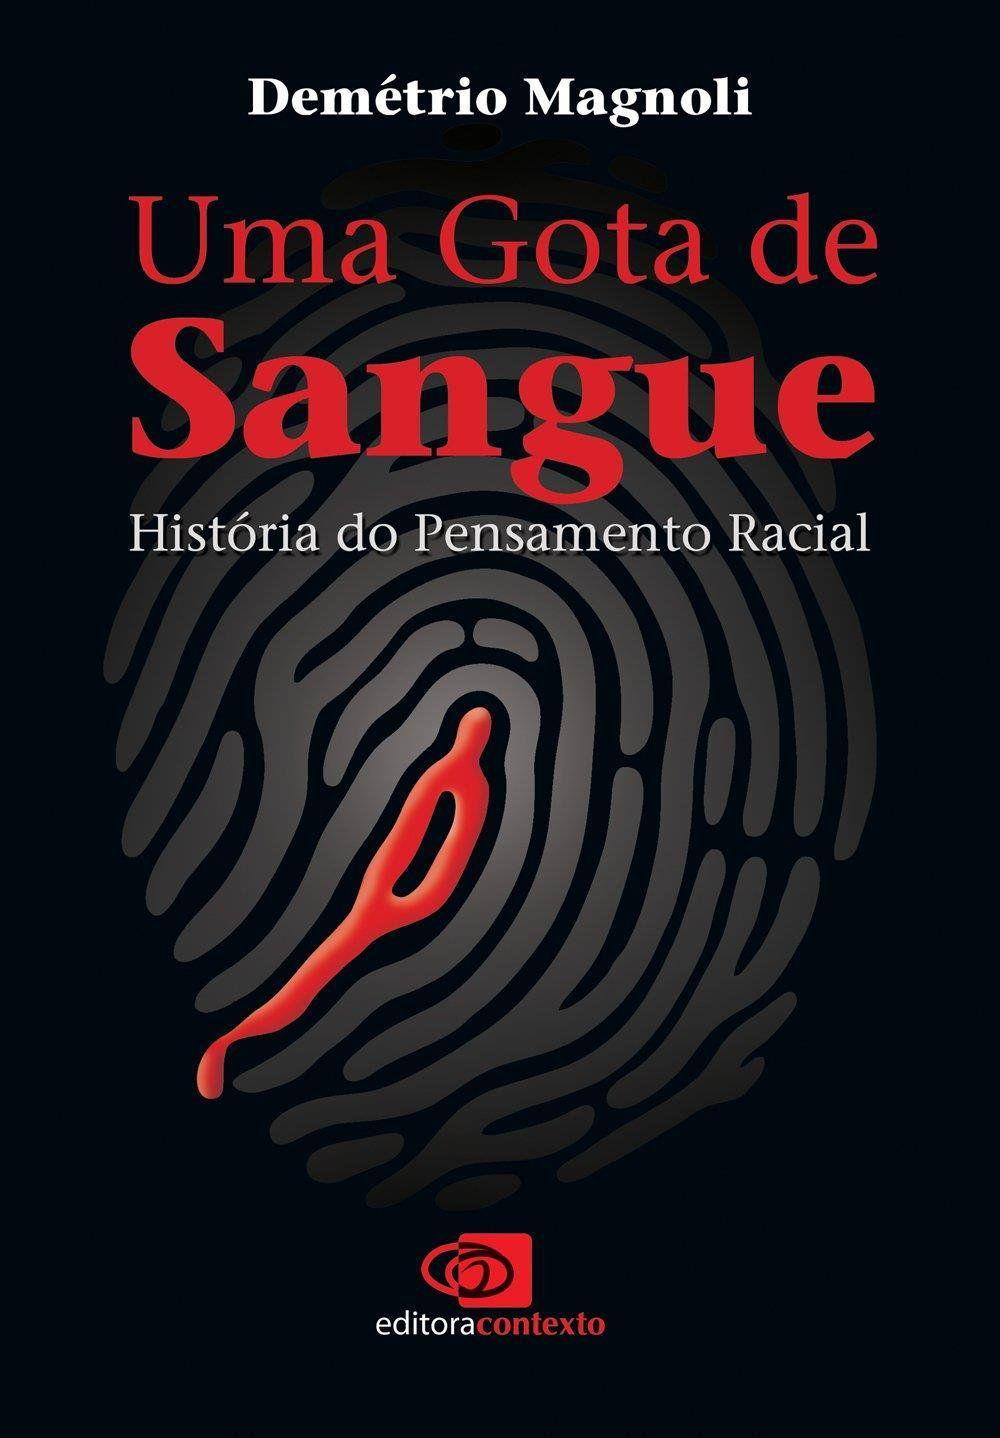 Livro Uma Gota de Sangue - Historia do Pensamento Racial